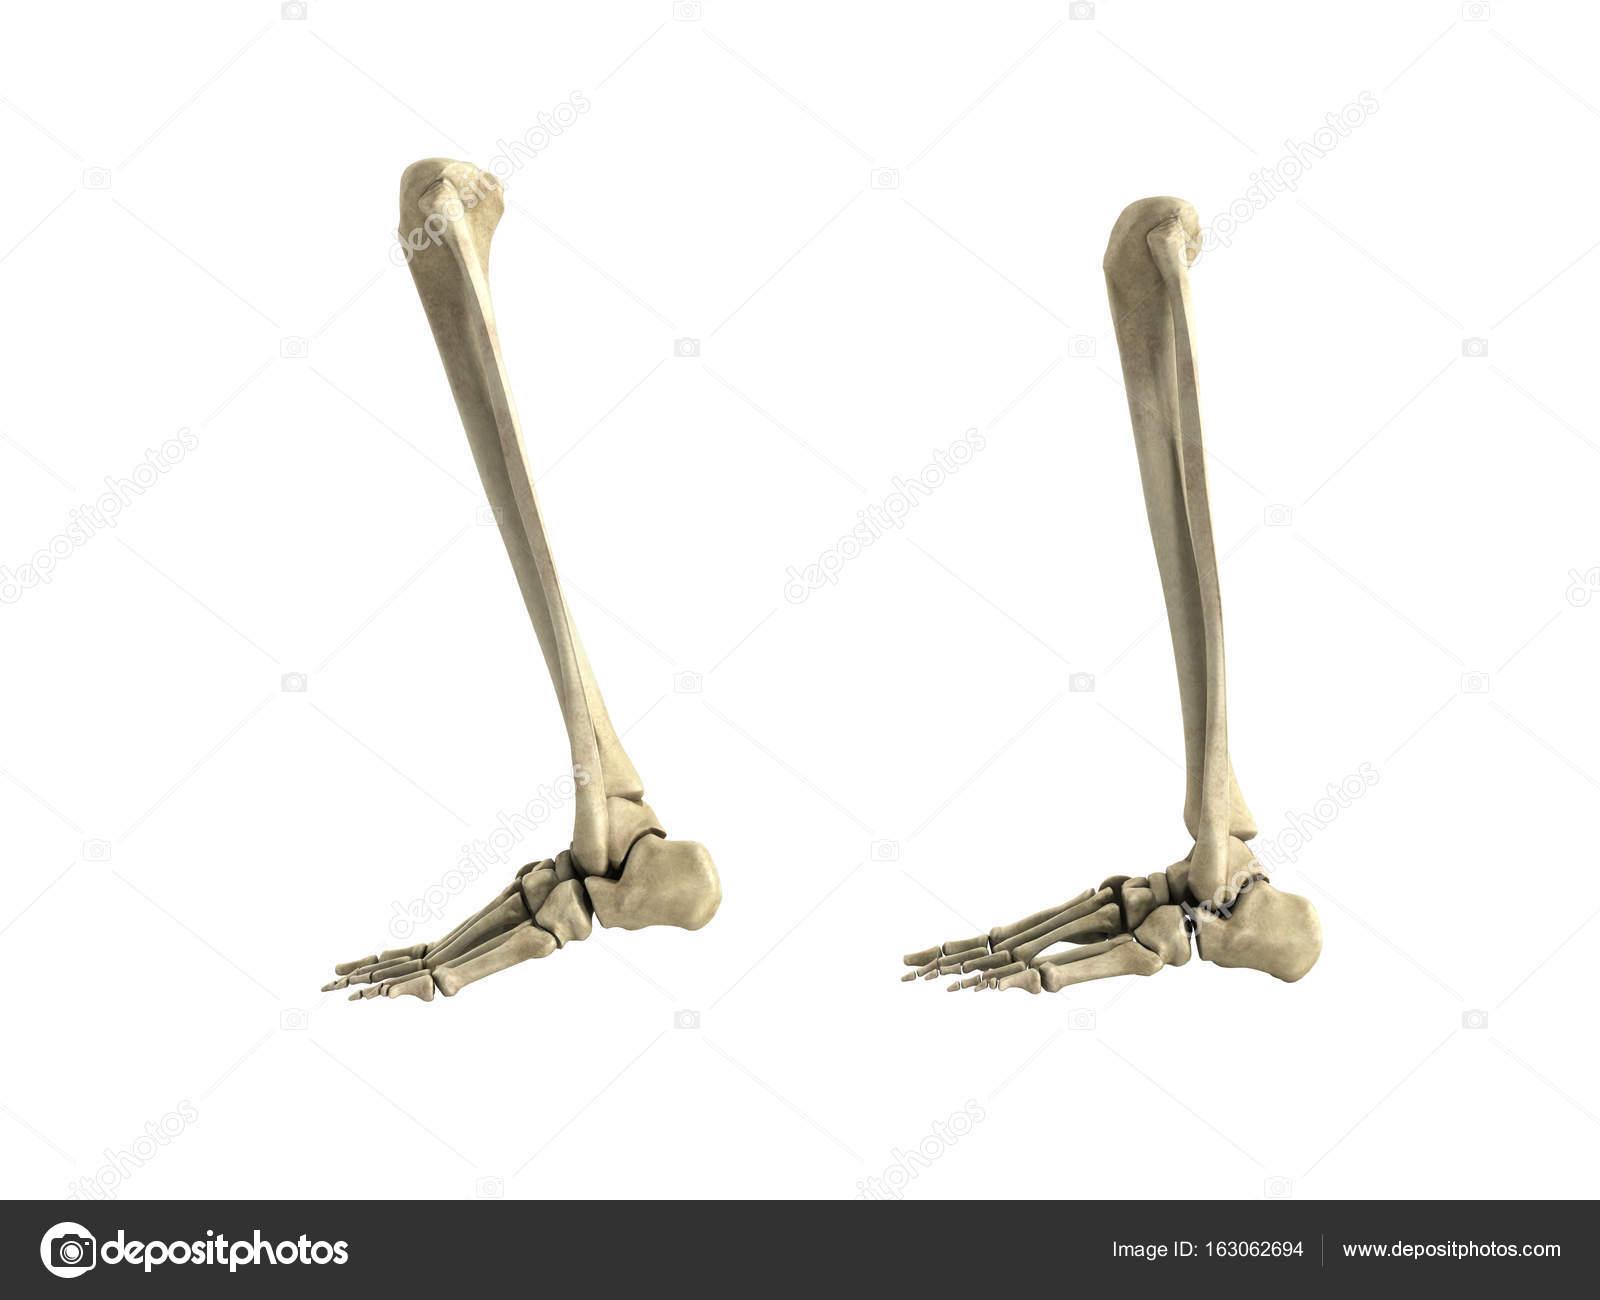 medizinische genaue Abbildung des unteren Bein Knochen 3d Render n ...